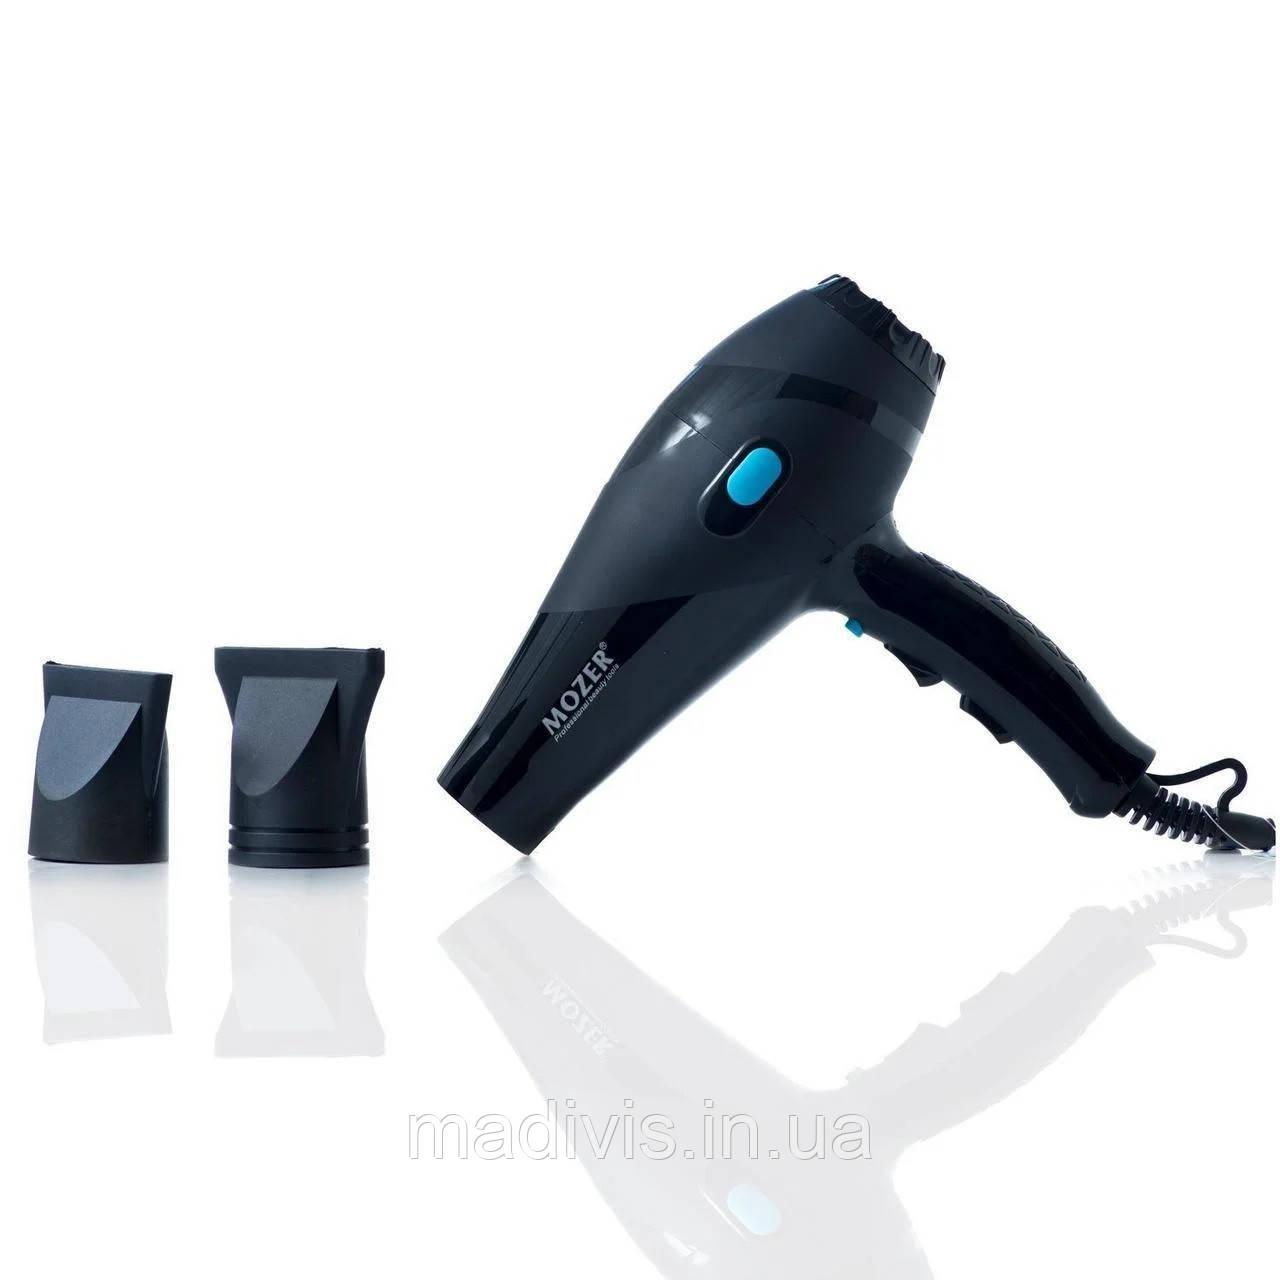 Профессиональный фен для волос Mozer MZ-3100, (6000 Вт)